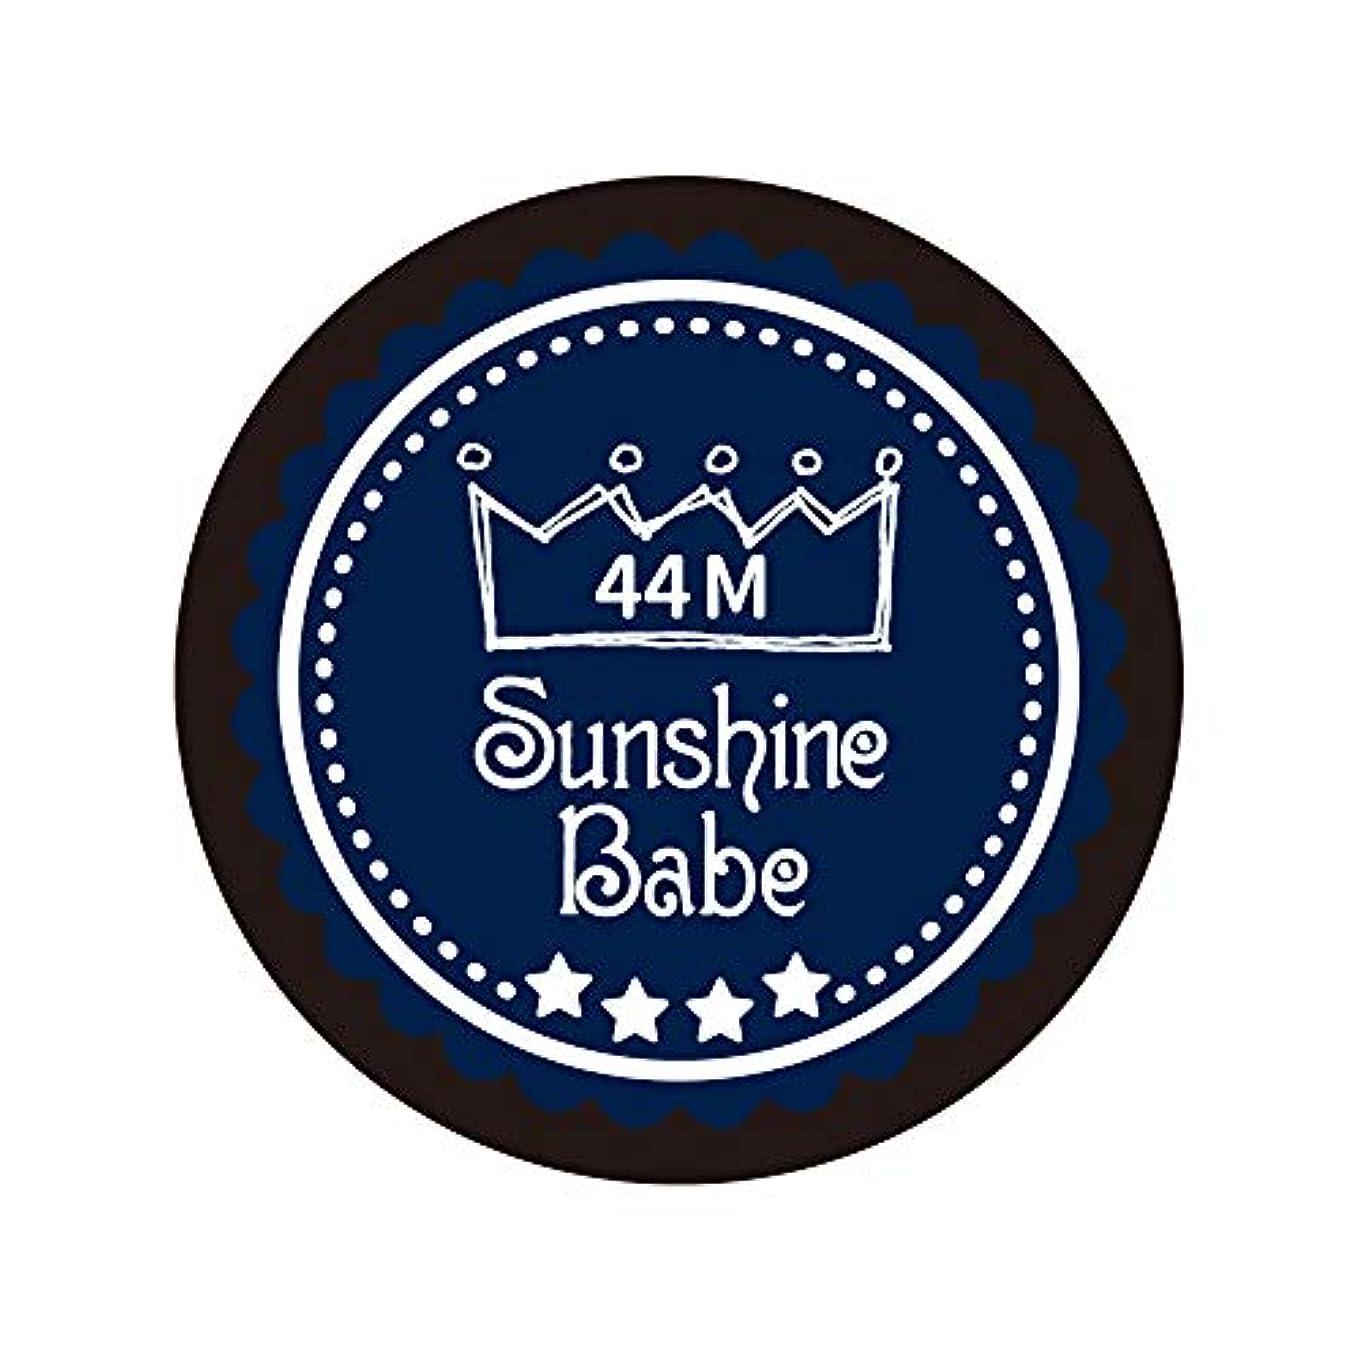 バランス雰囲気刺すSunshine Babe カラージェル 44M クラシックネイビー 4g UV/LED対応